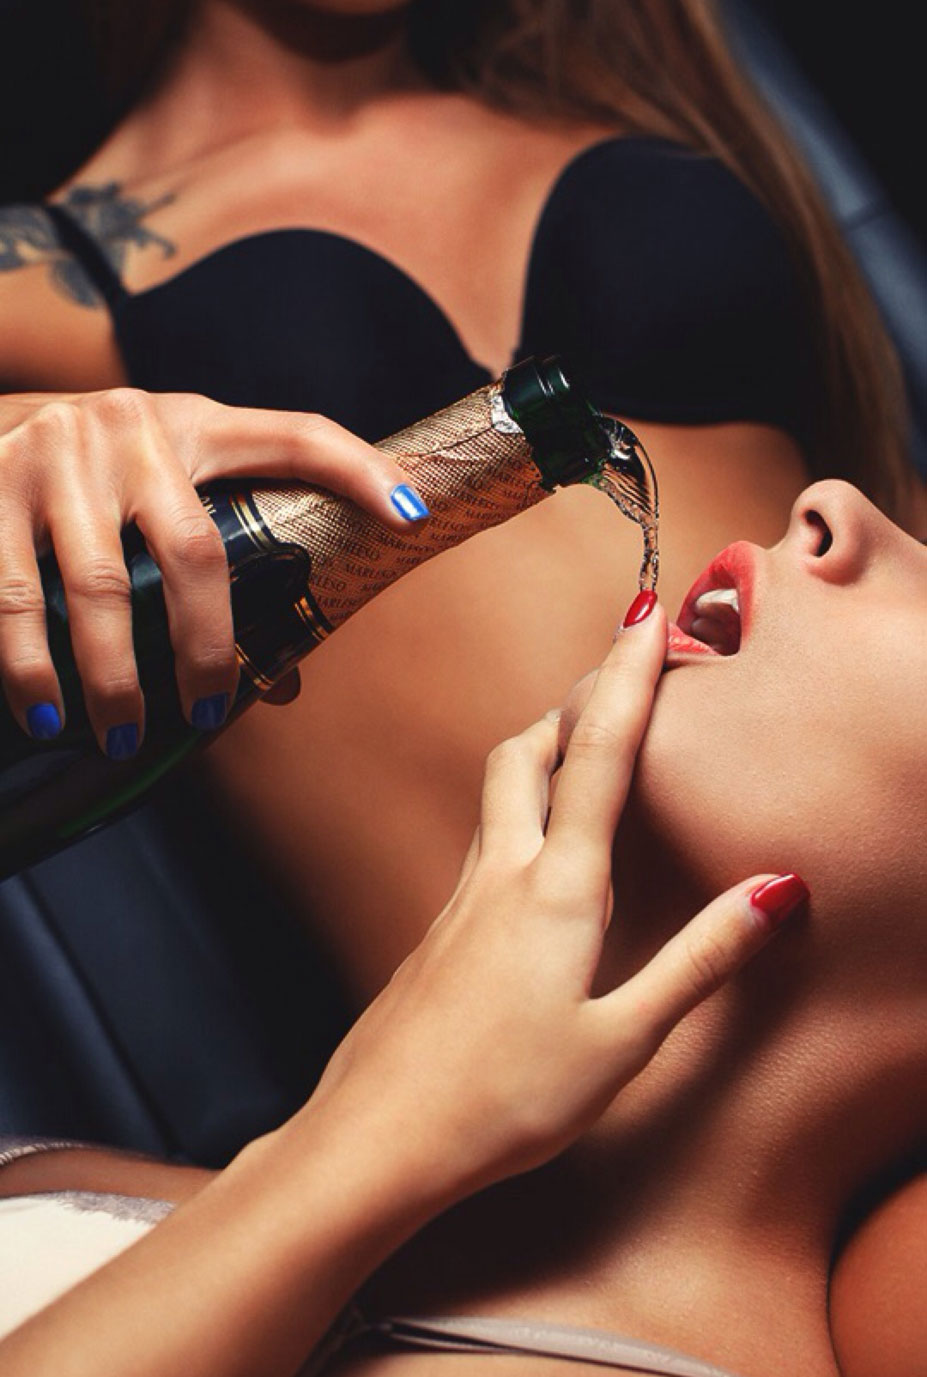 красивая сексуальная женщина пьет вино